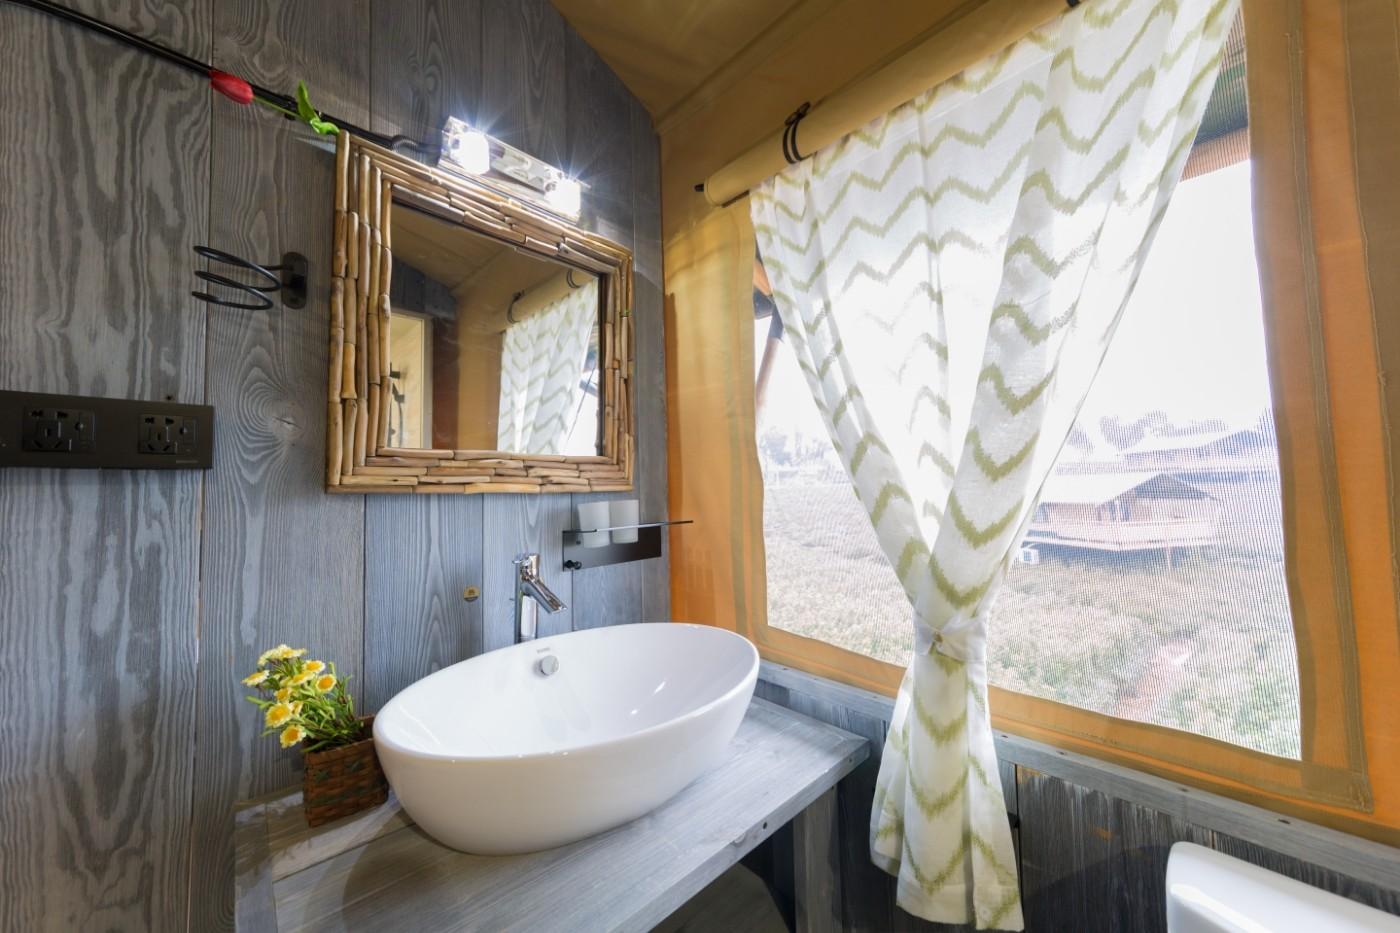 喜马拉雅野奢帐篷酒店—江苏常州茅山宝盛园2期茶田帐篷酒店29